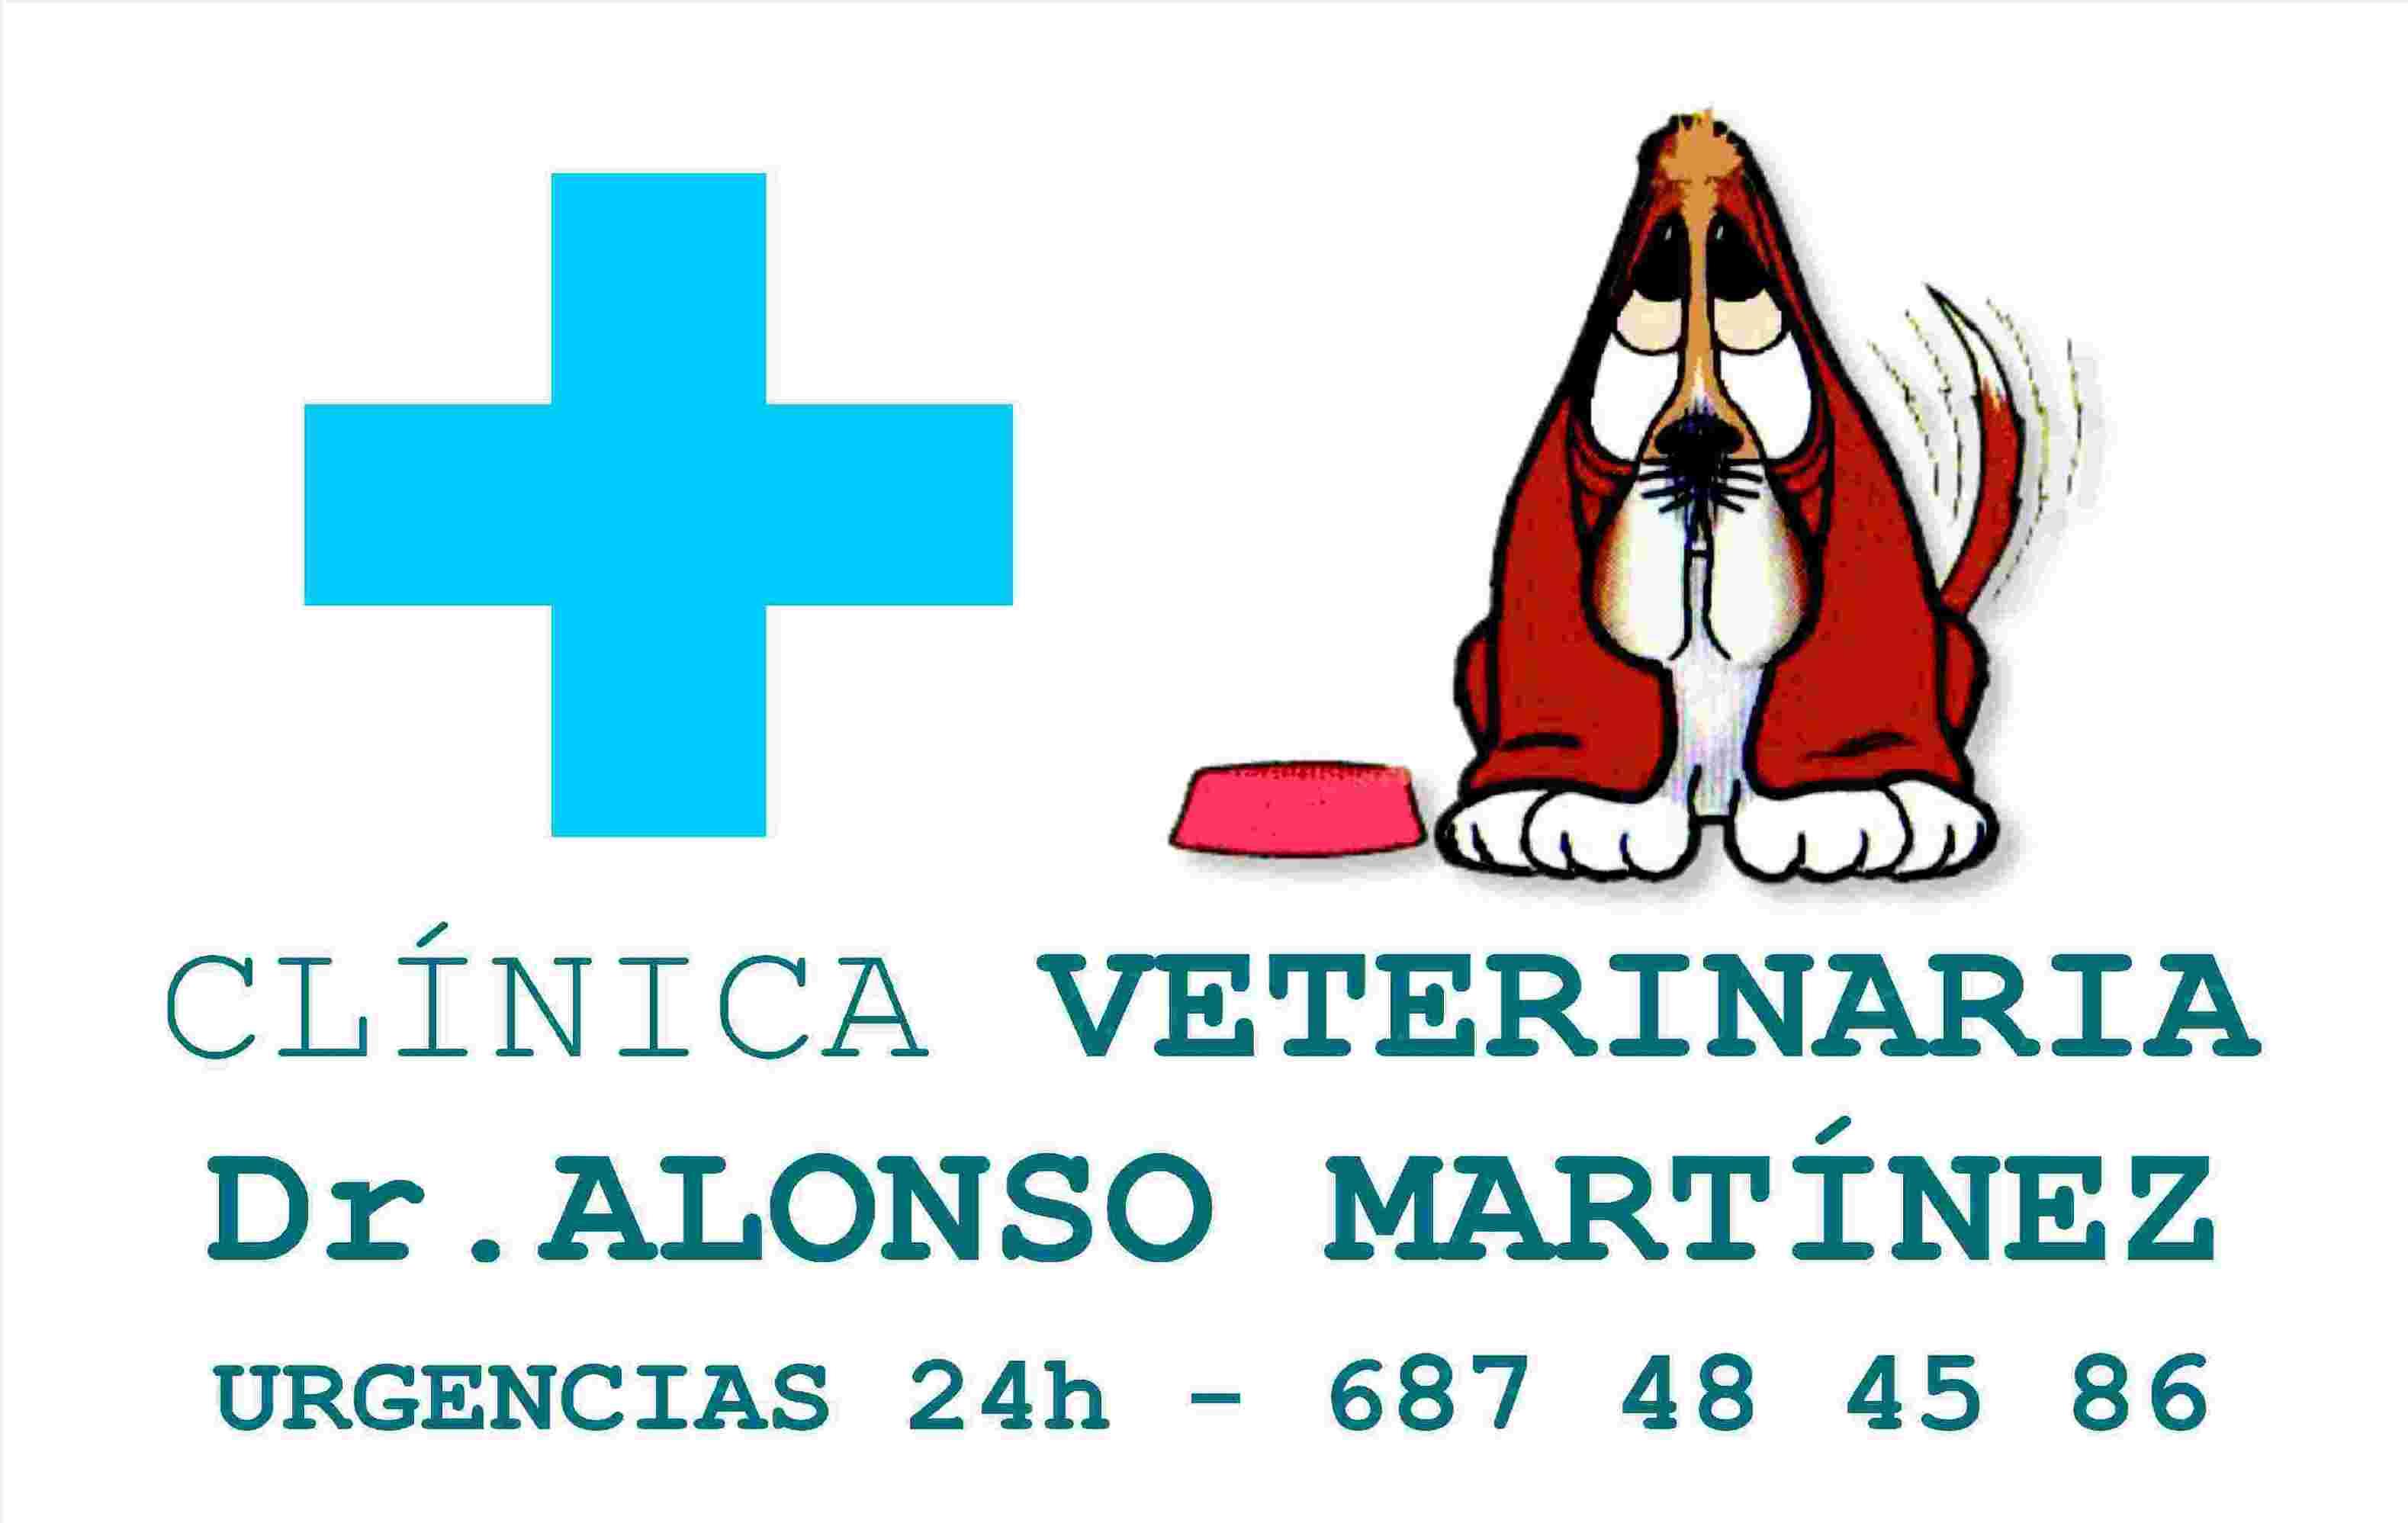 http://blog.clinicaveterinariamalaga.es/